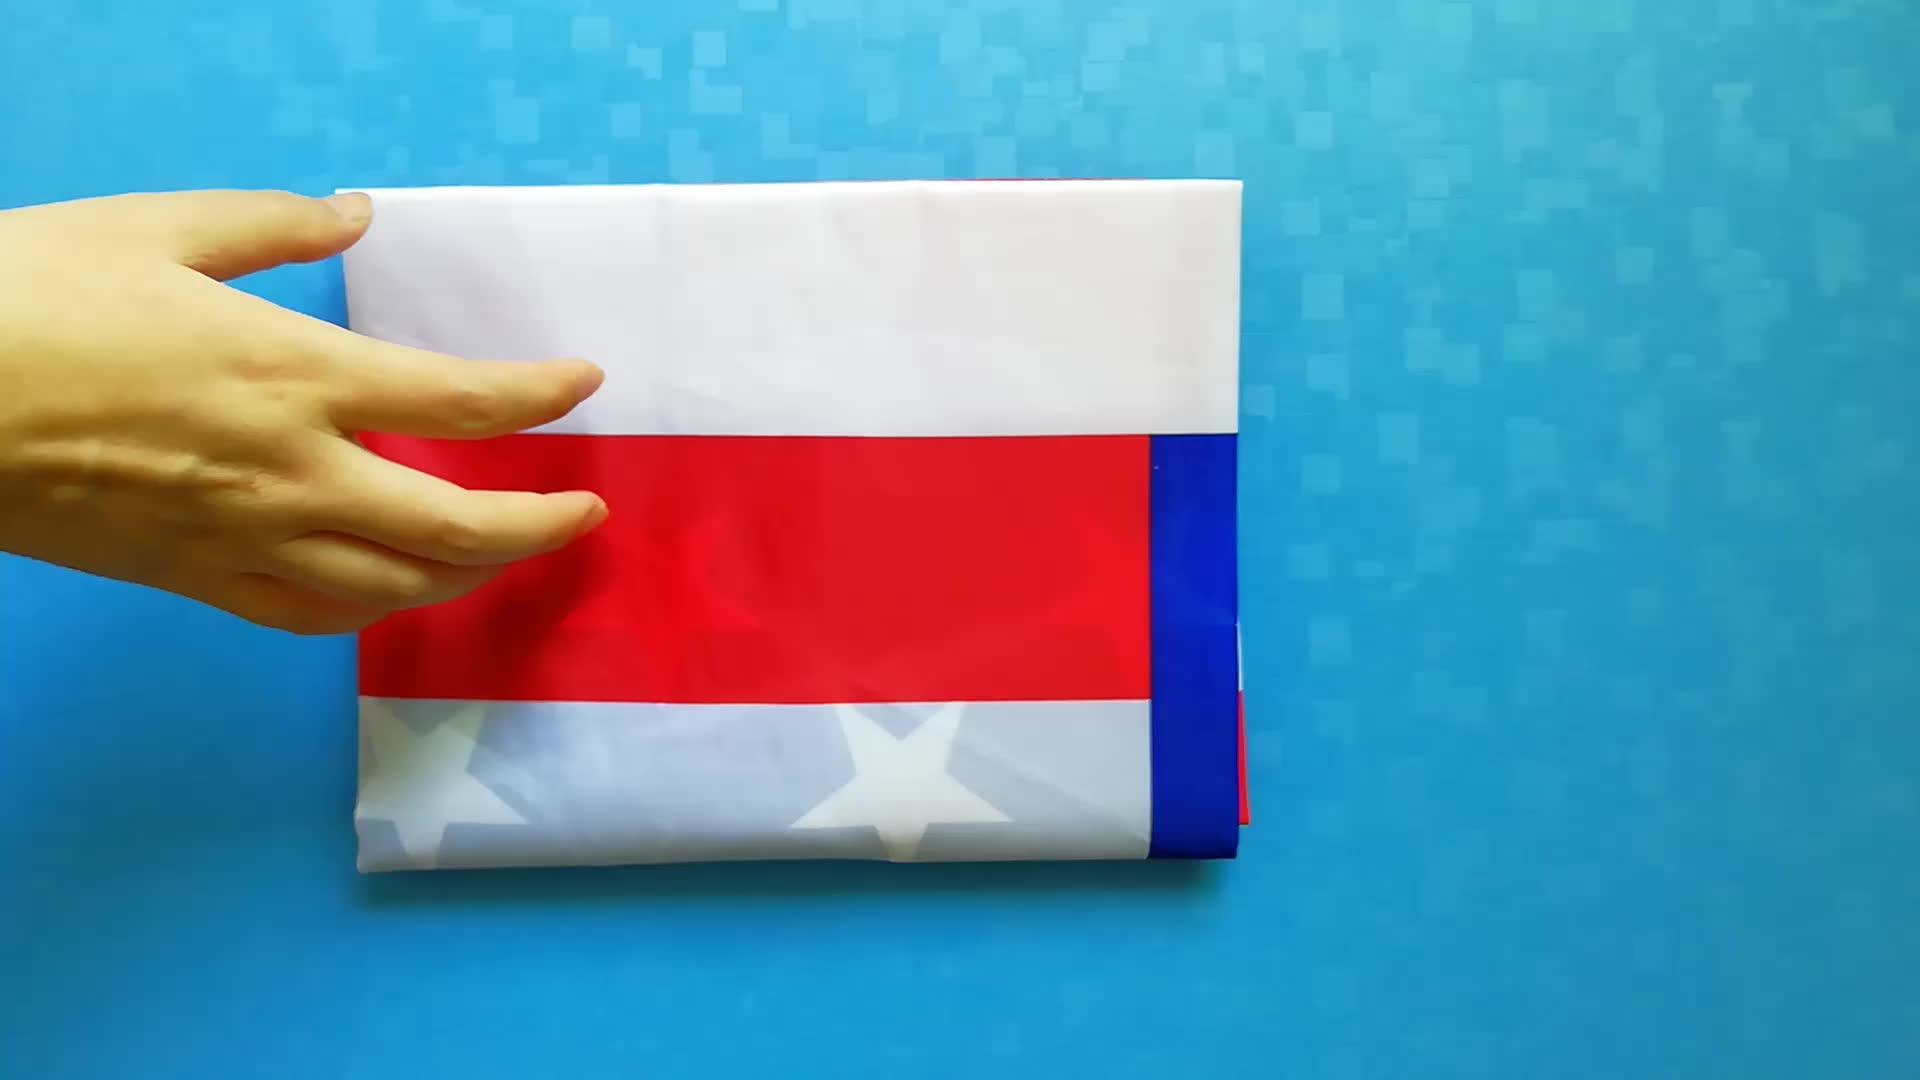 संयुक्त राज्य अमेरिका राष्ट्रीय देश झंडा 3x5ft कशीदाकारी के साथ 210D नायलॉन यूएसए अमेरिकी ध्वज सितारे और सिलना धारियों